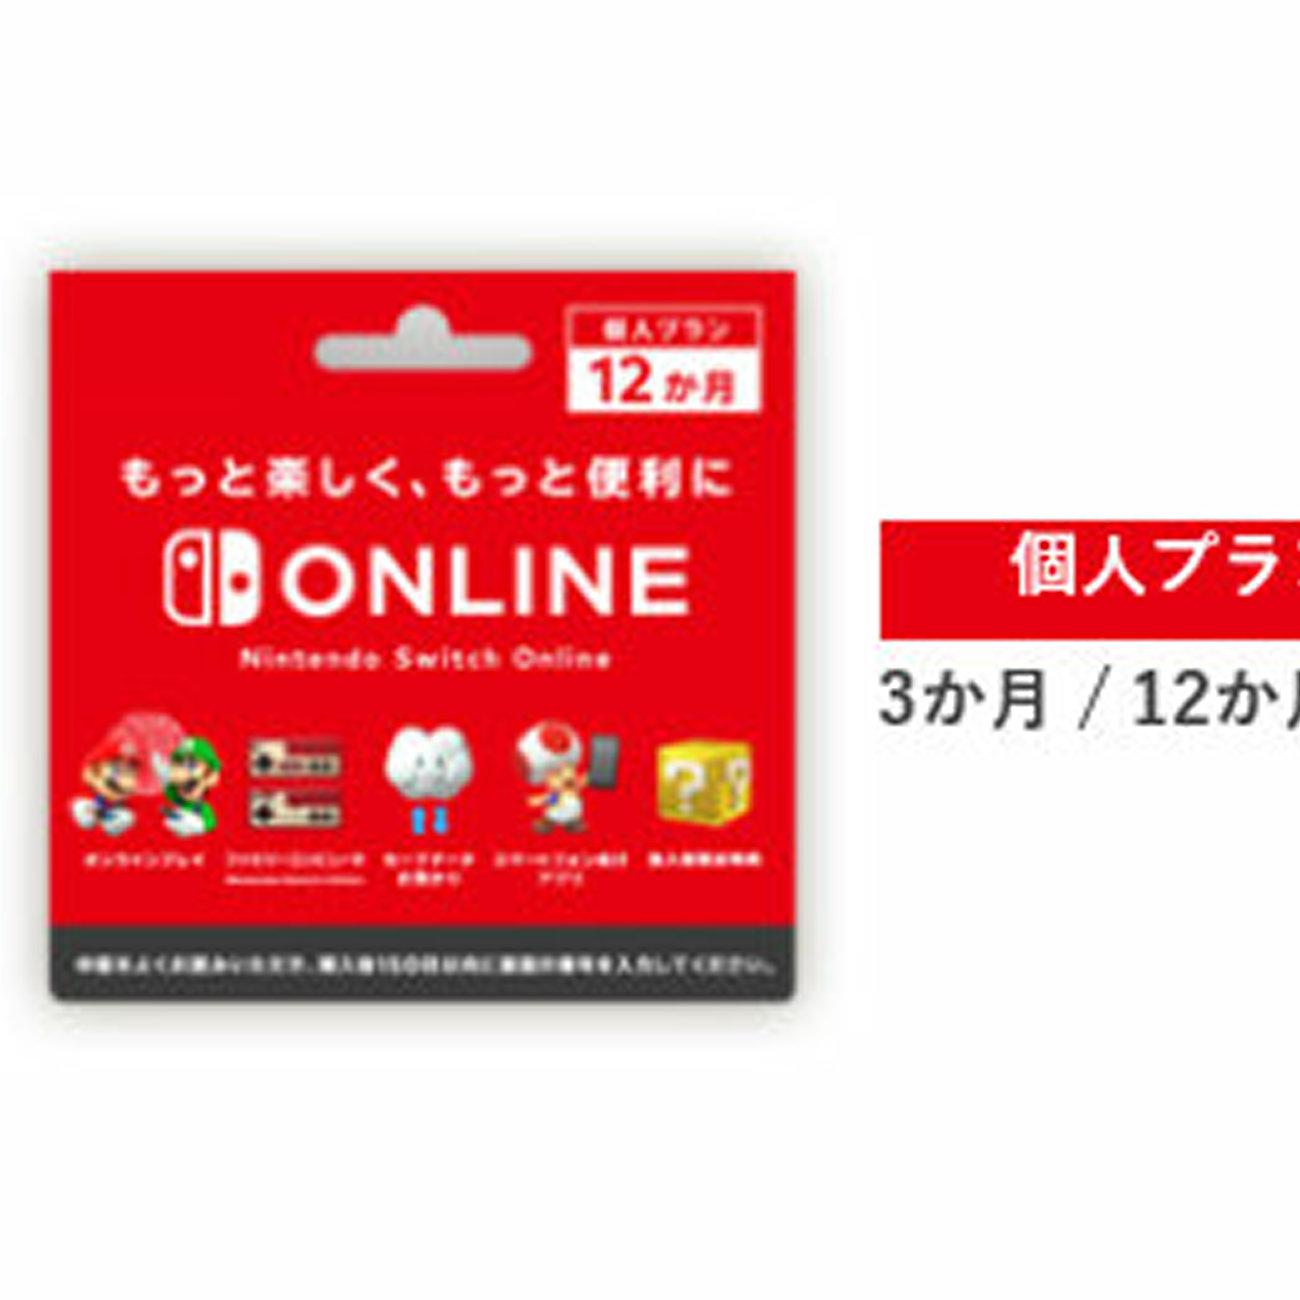 オンライン 通信 switch